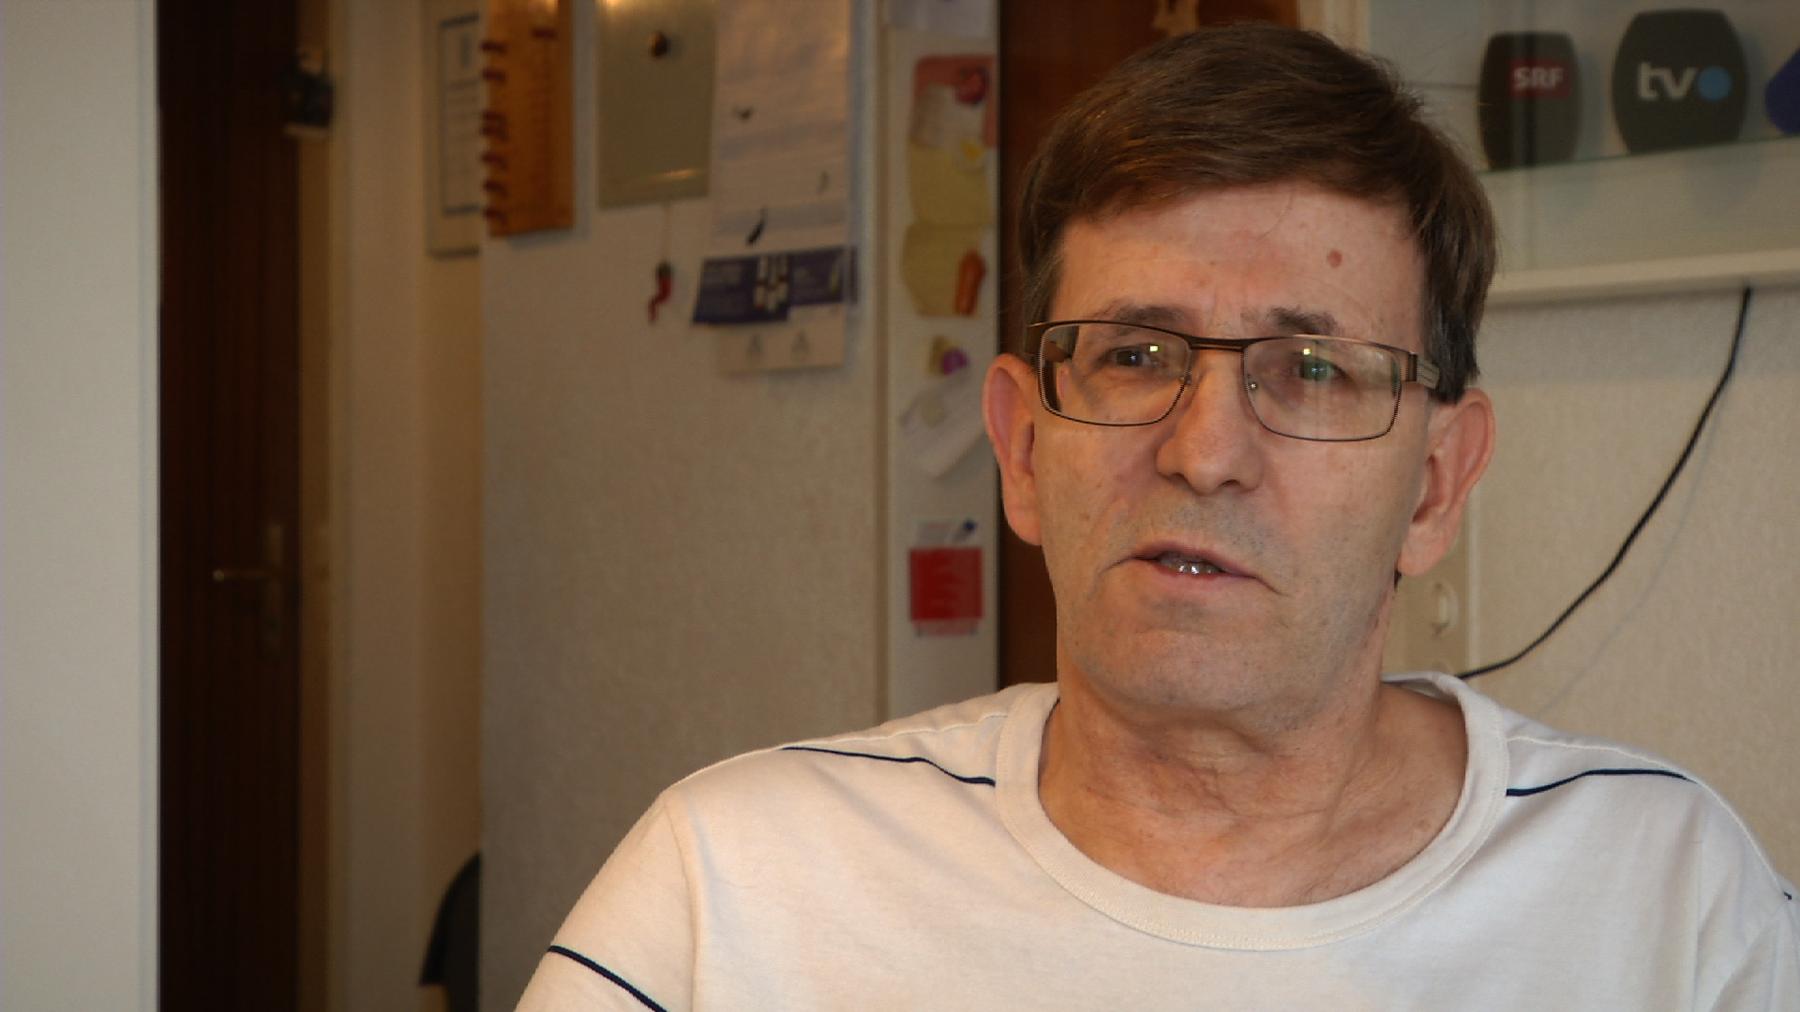 Walter Emmisberger leidet bis heute unter den Medikamentenversuchen. (TVO)